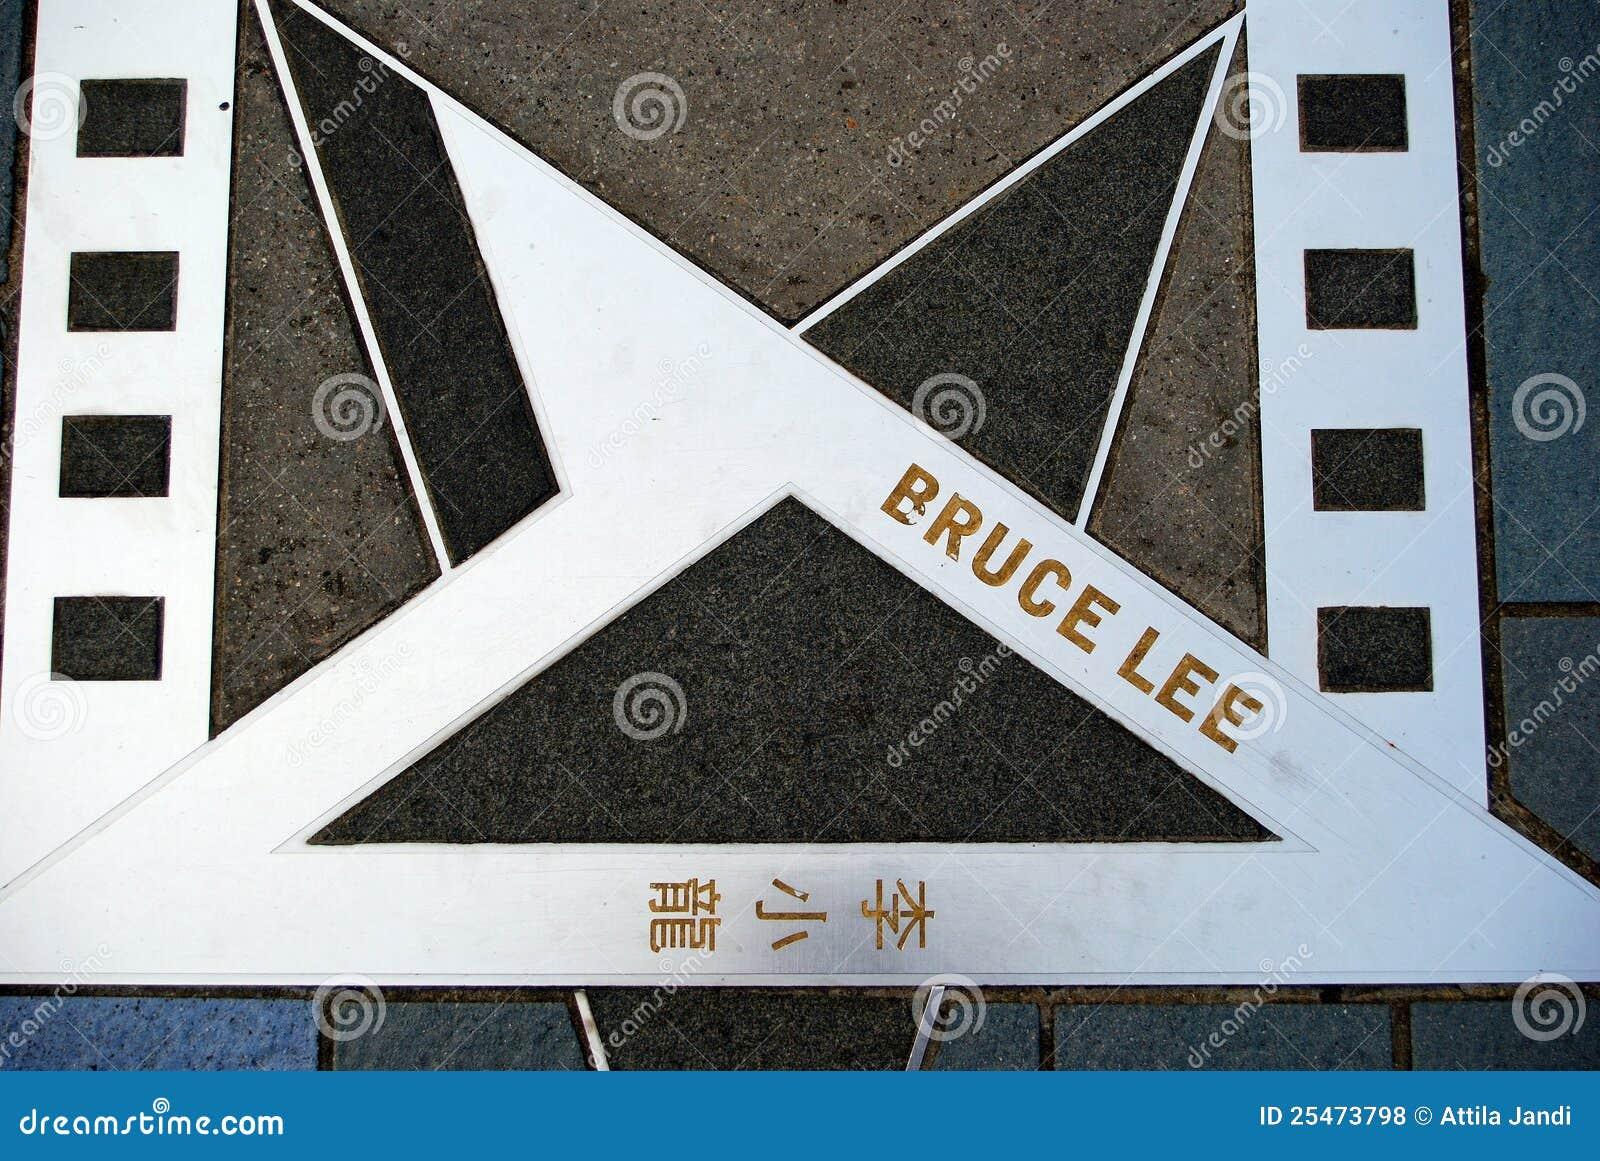 Bruce Lee, Kowloon, Hong Kong